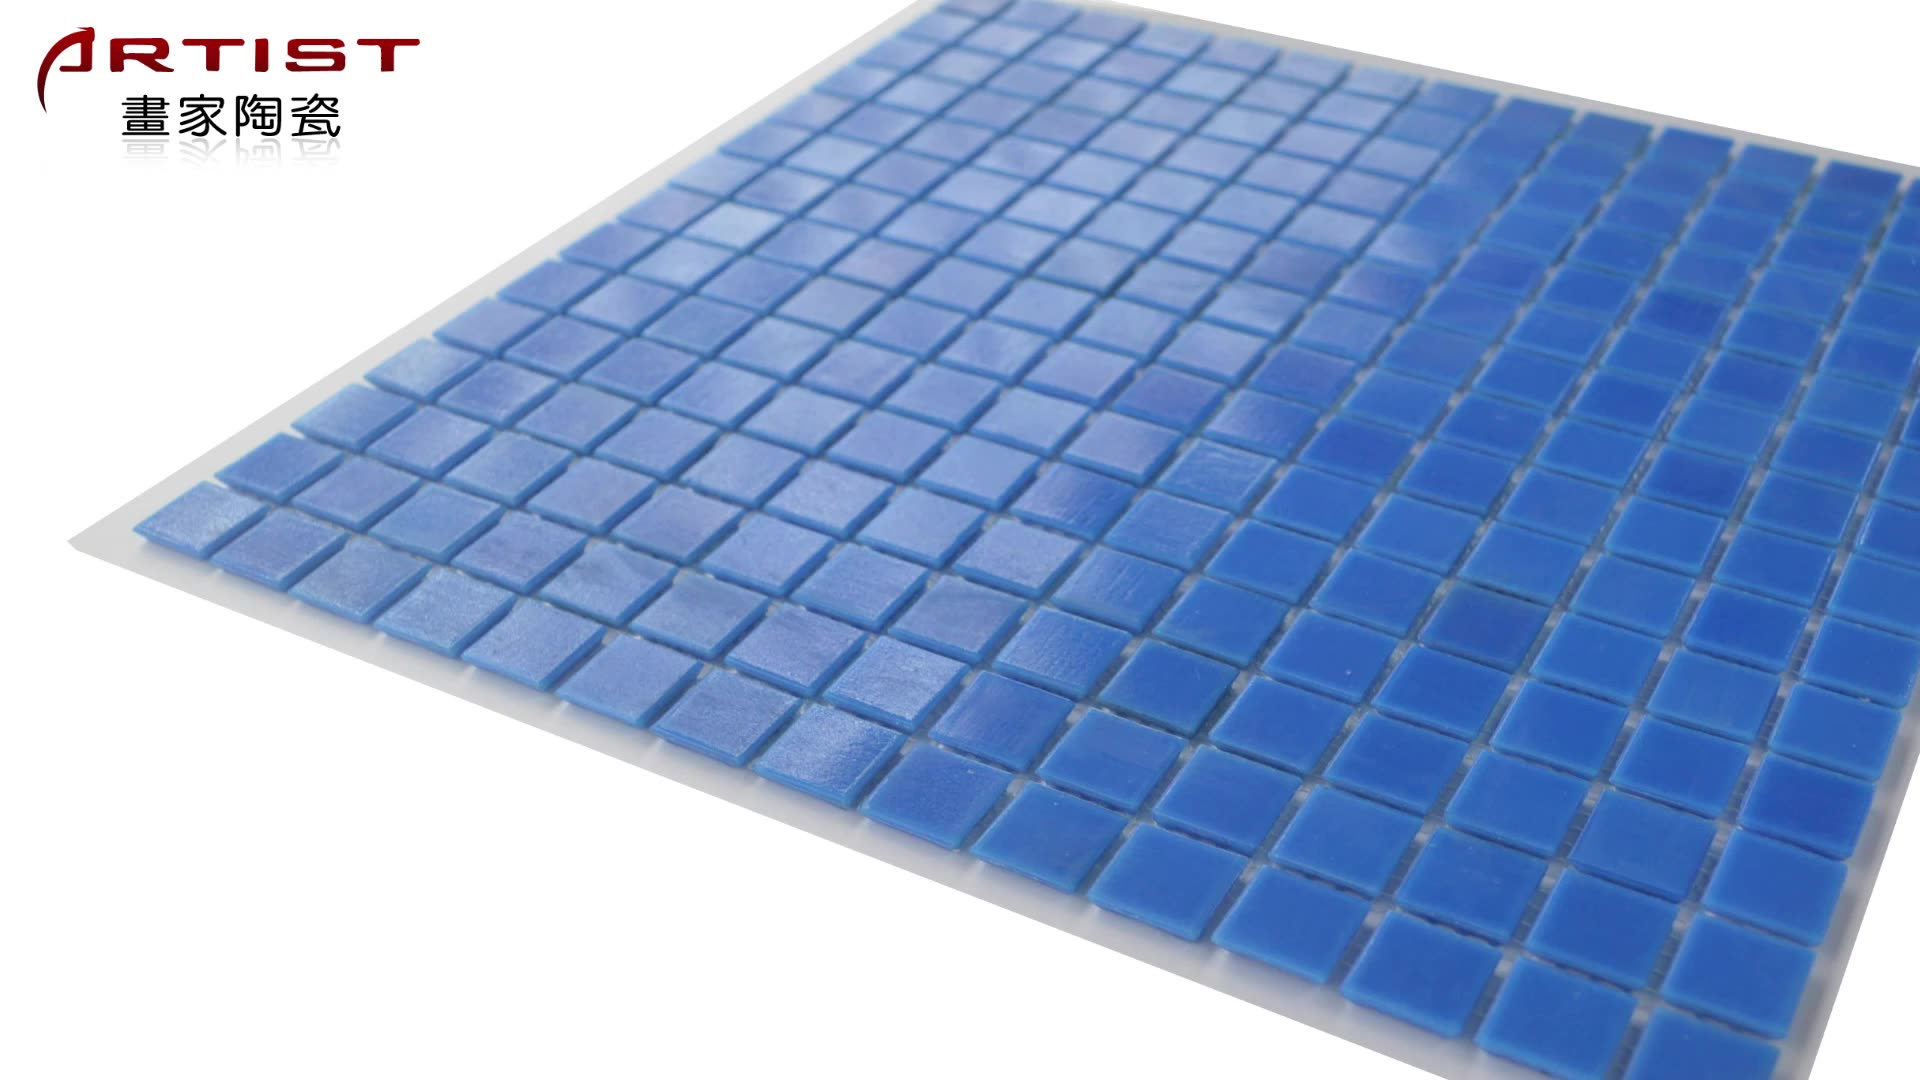 مورد الصينية المحيط الأزرق بلاط زجاجي الطوب المزجج بلاط حمام السباحة الطوب مع شبكة الظهر